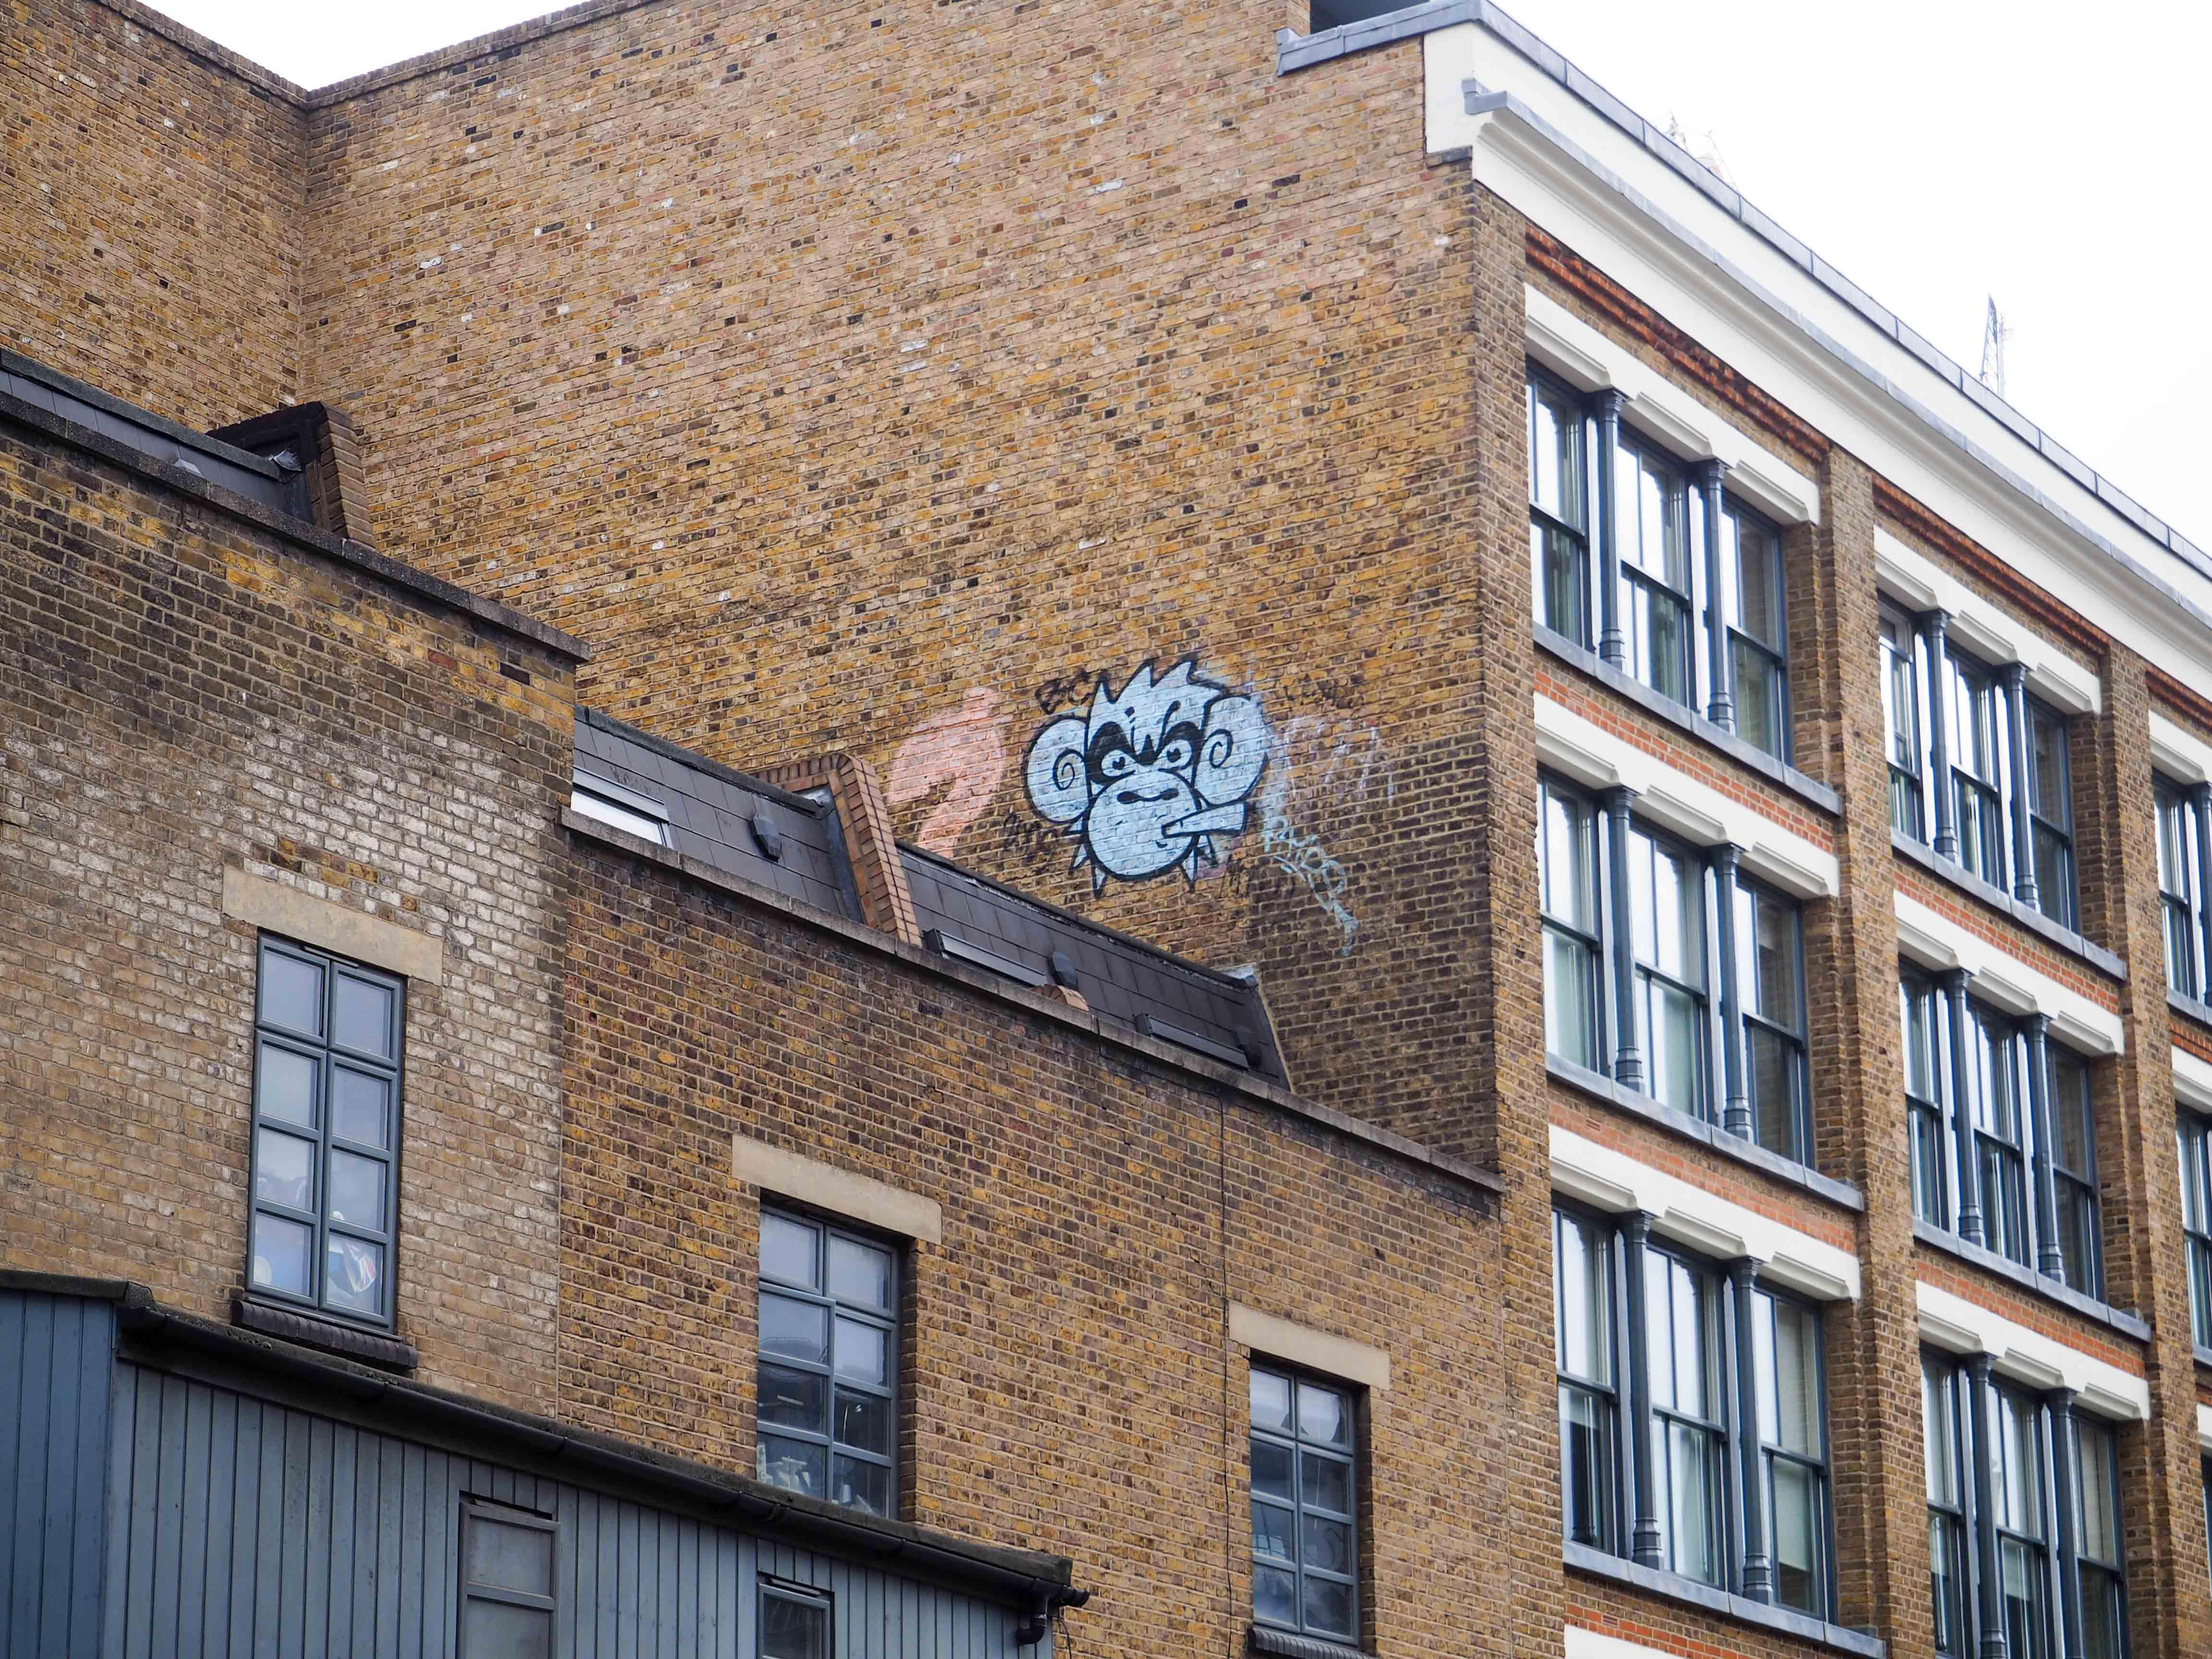 übers Dach geklettert ist Mighty Mo um hier seinen Affenkopf zu hinterlassen